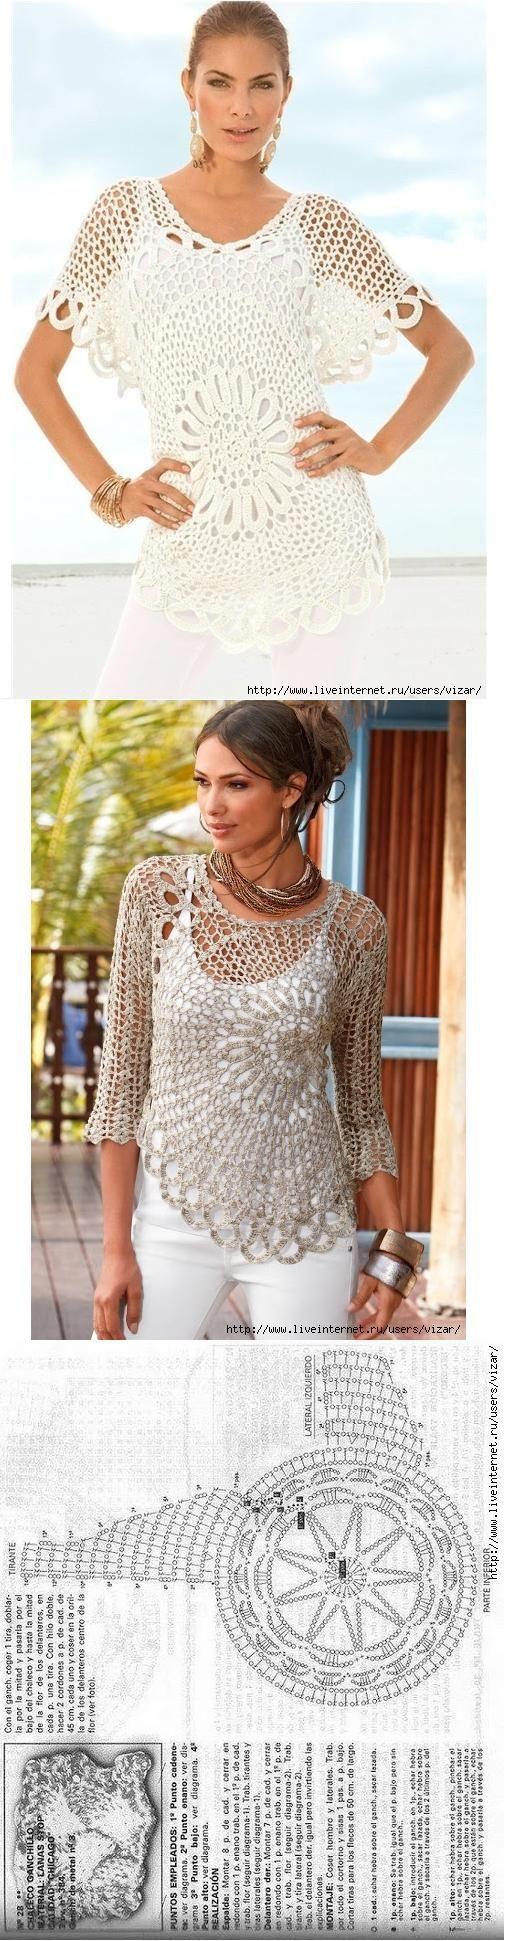 Duas blusas, bem parecidas. Adoro esses modelos circulares, afinam a silhueta e são lindos demais.: